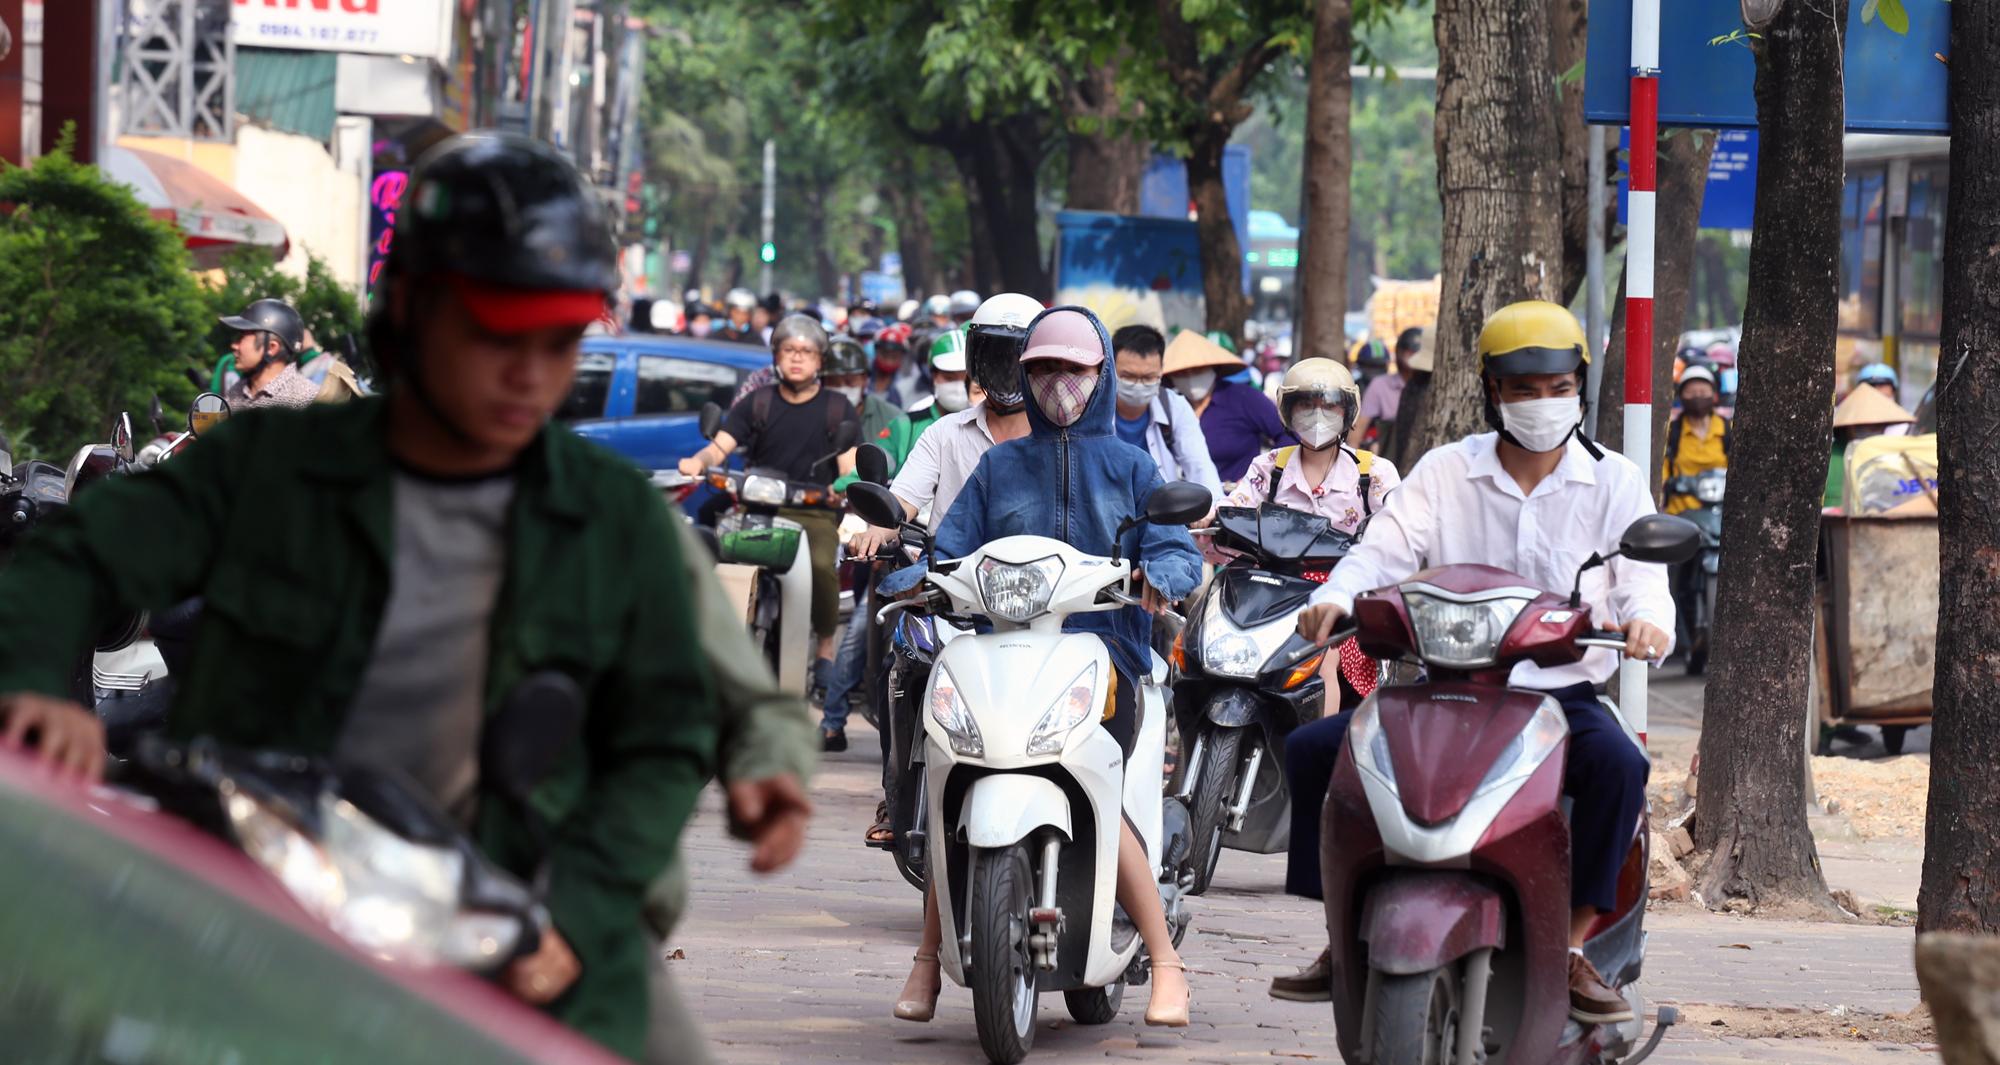 Chật vật qua nút giao Hoàng Quốc Việt - Nguyễn Văn Huyên đang xây cầu vượt - Ảnh 10.